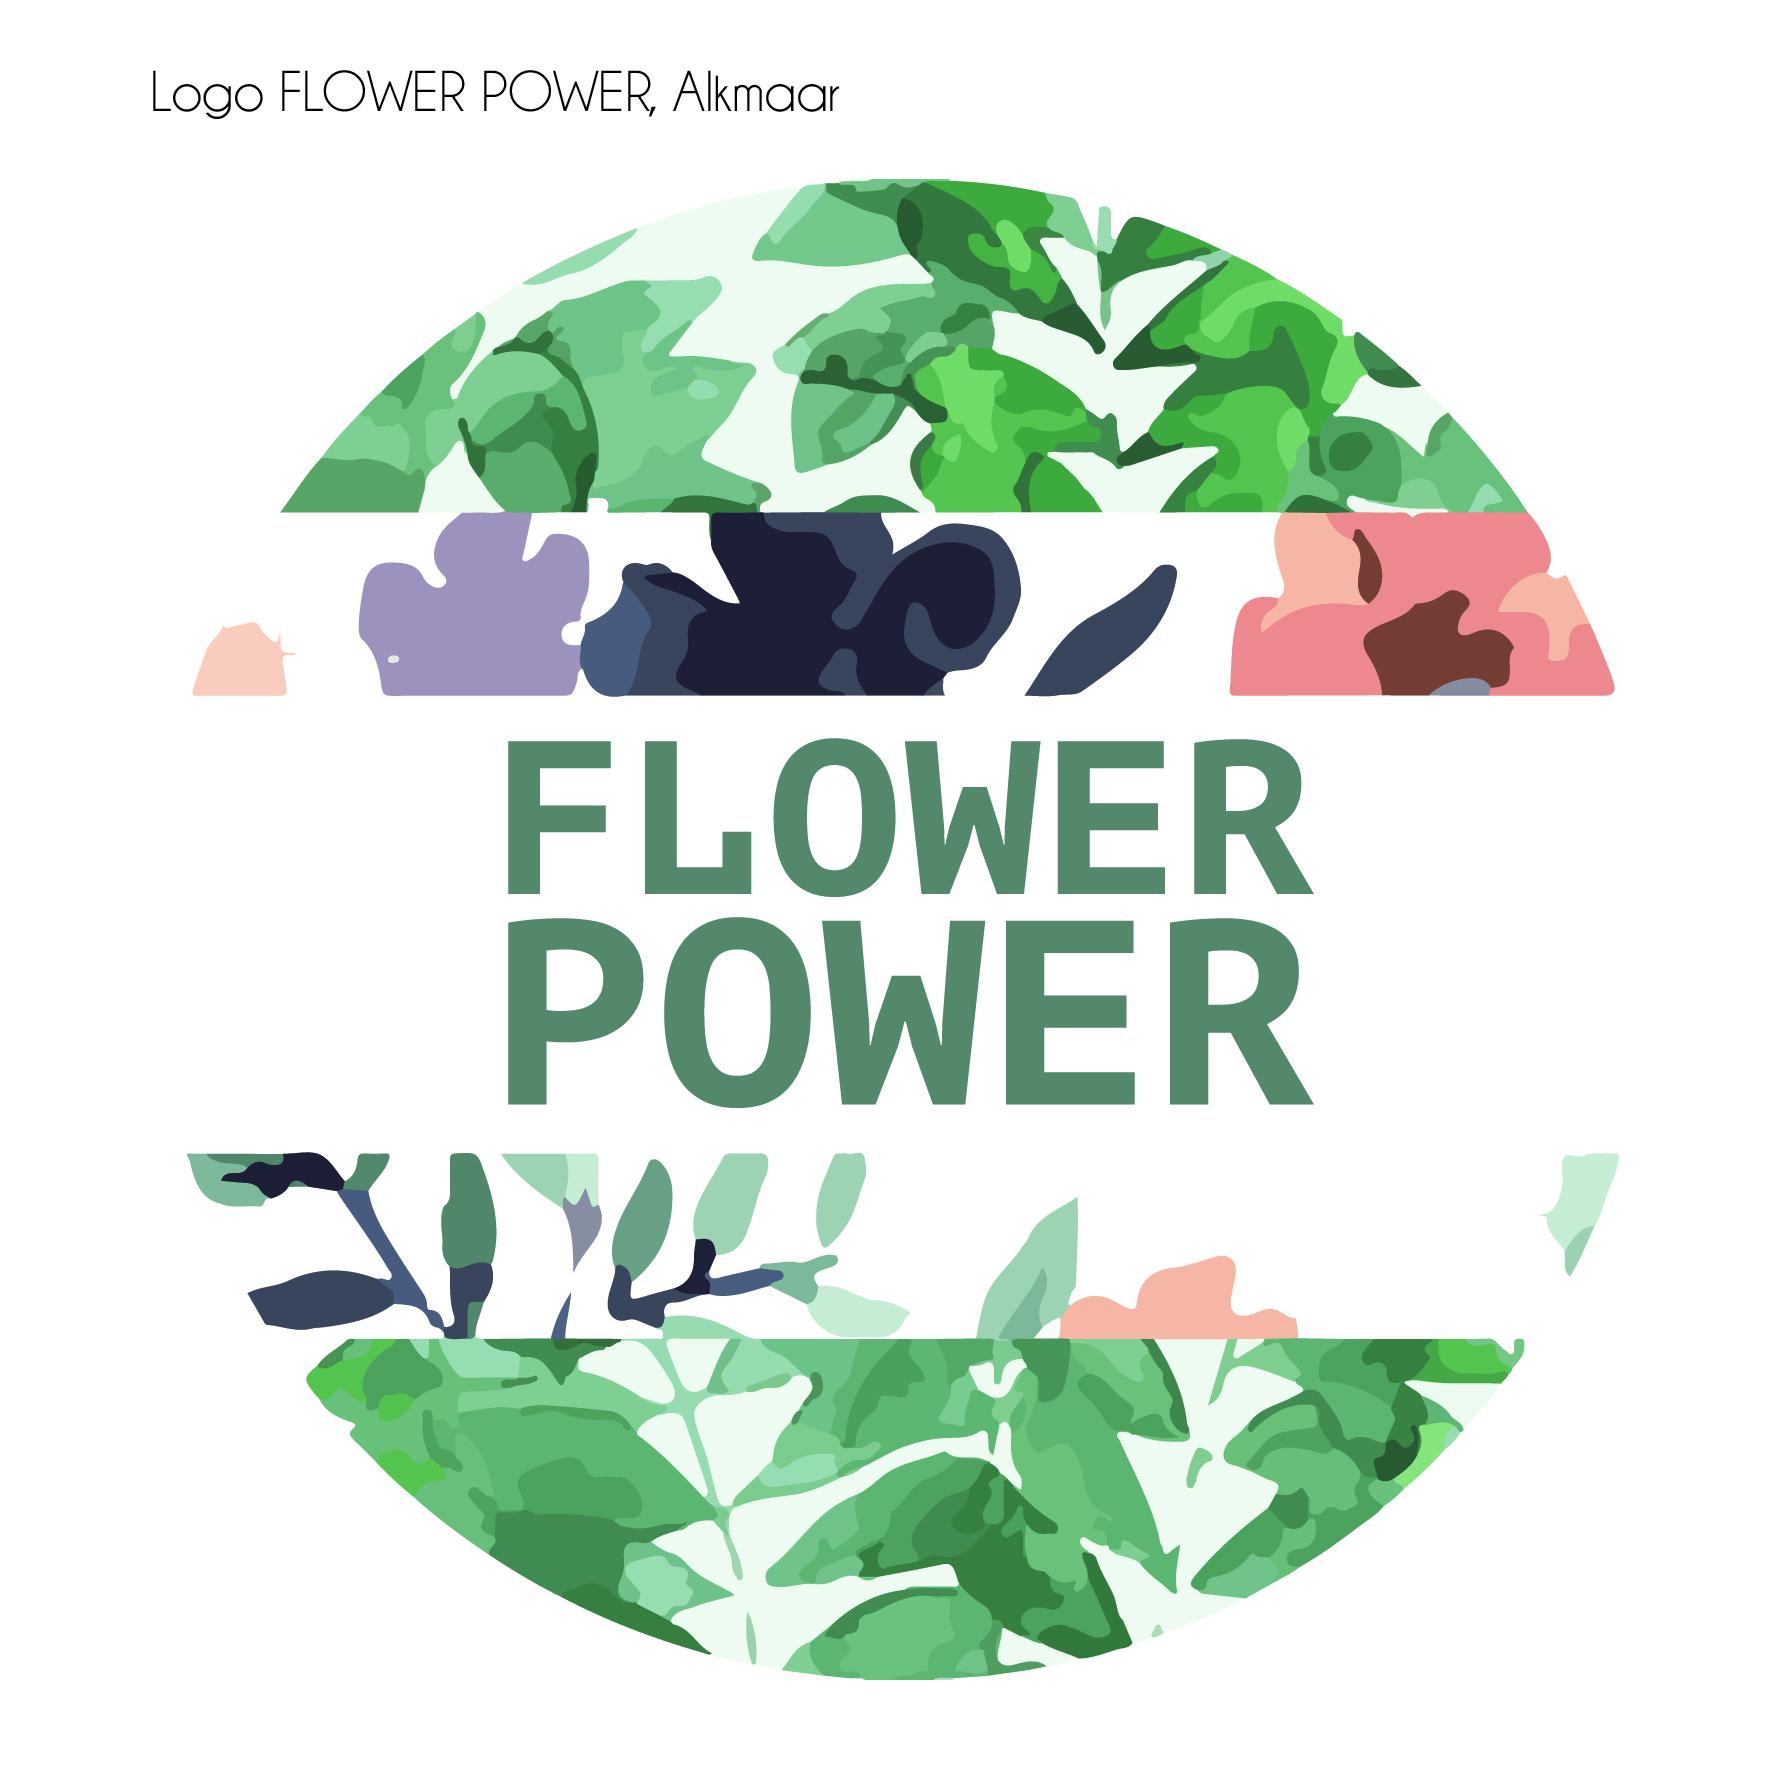 flower power alkmaar